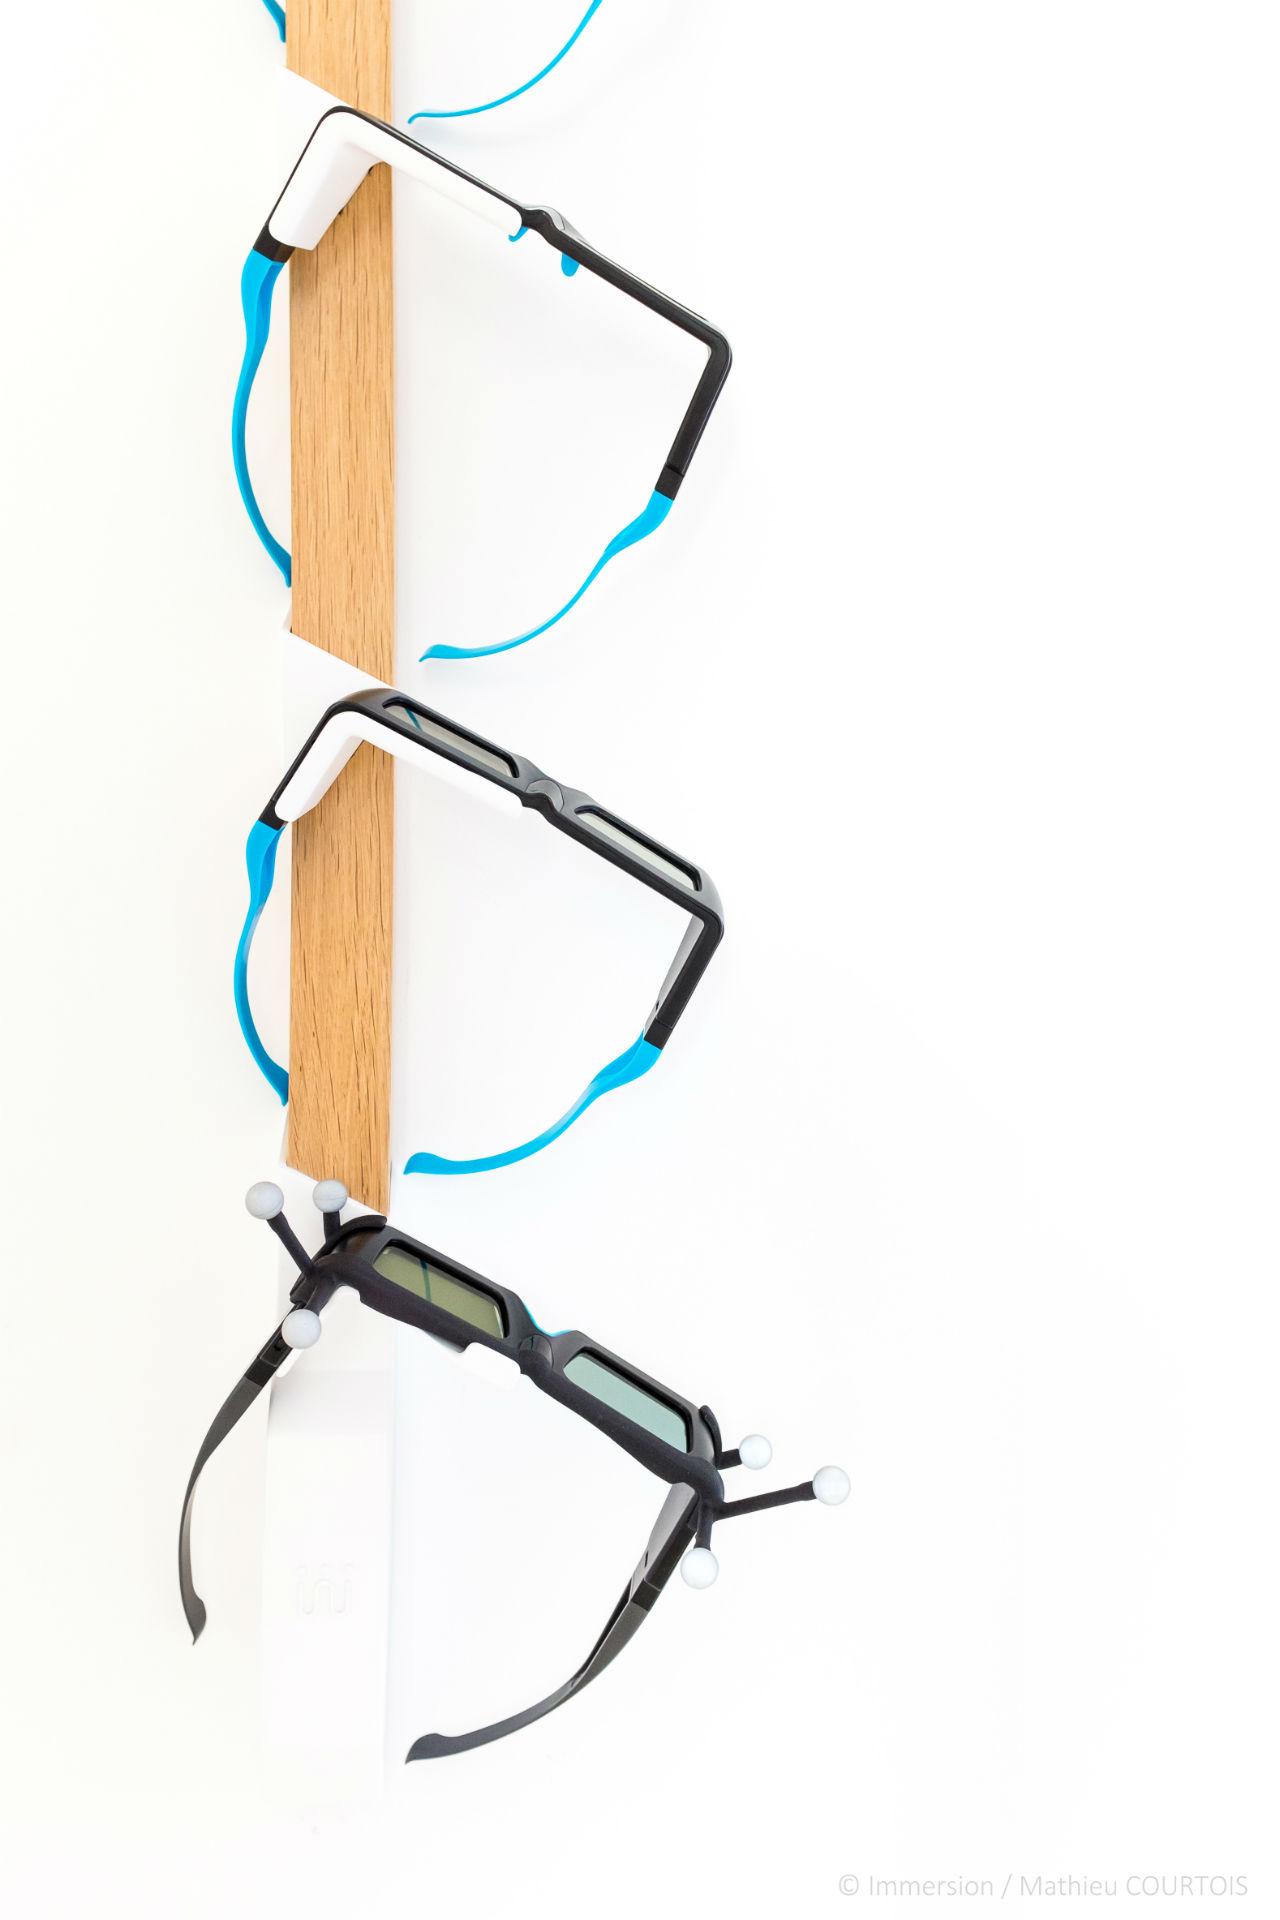 Support pour lunettes 3D par Immersion pour les lunettes Edge VR et Edge RF de marque Volfoni